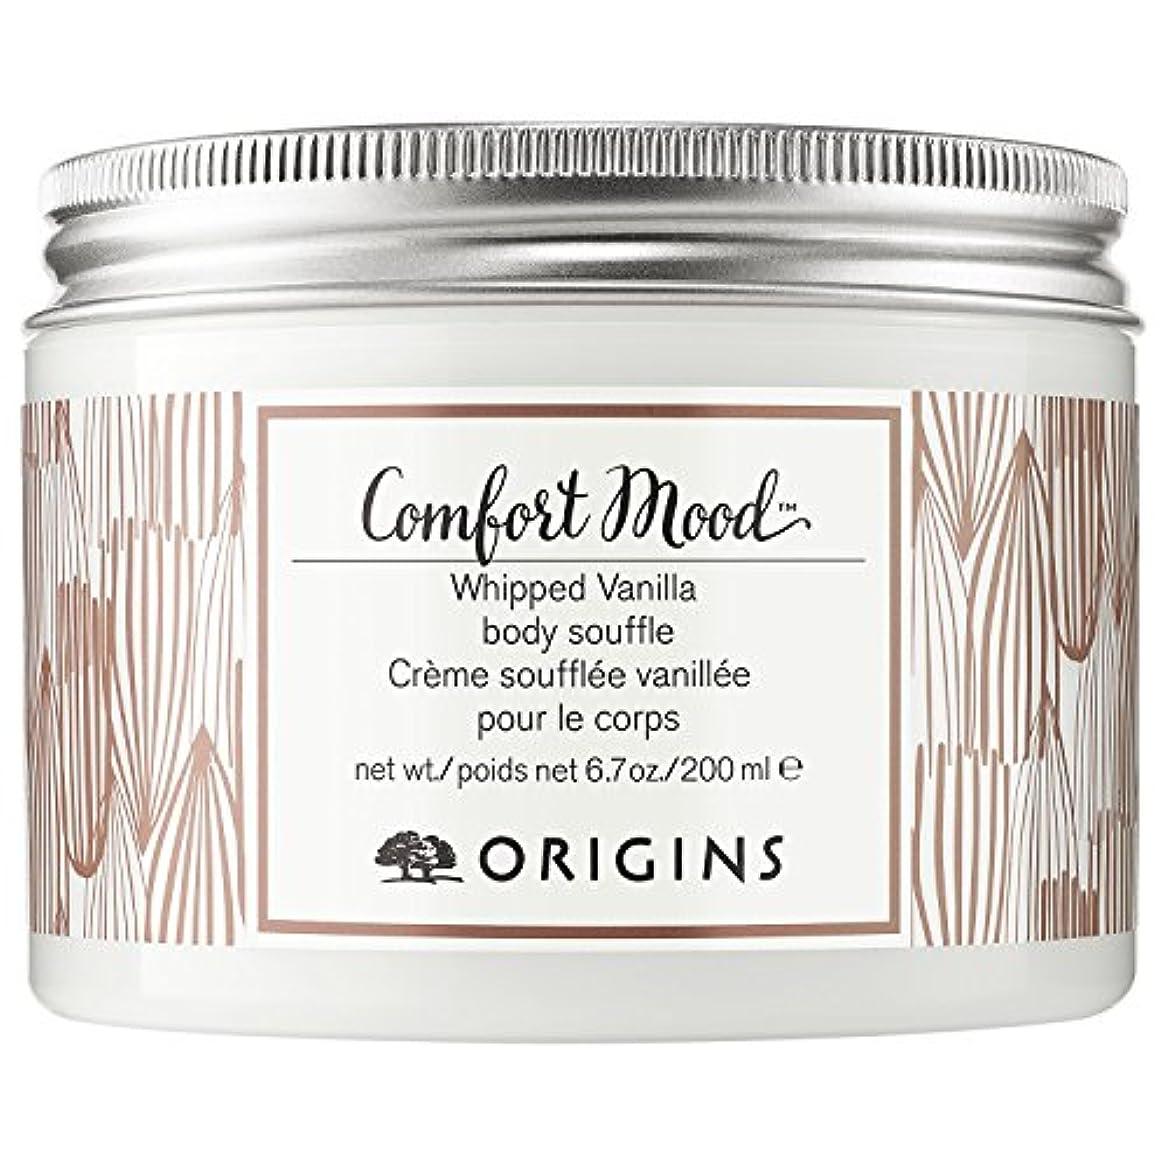 伝染病横に内陸起源の快適な気分ホイップバニラボディスフレ200ミリリットル (Origins) - Origins Comfort Mood Whipped Vanilla Body Souffle 200ml [並行輸入品]